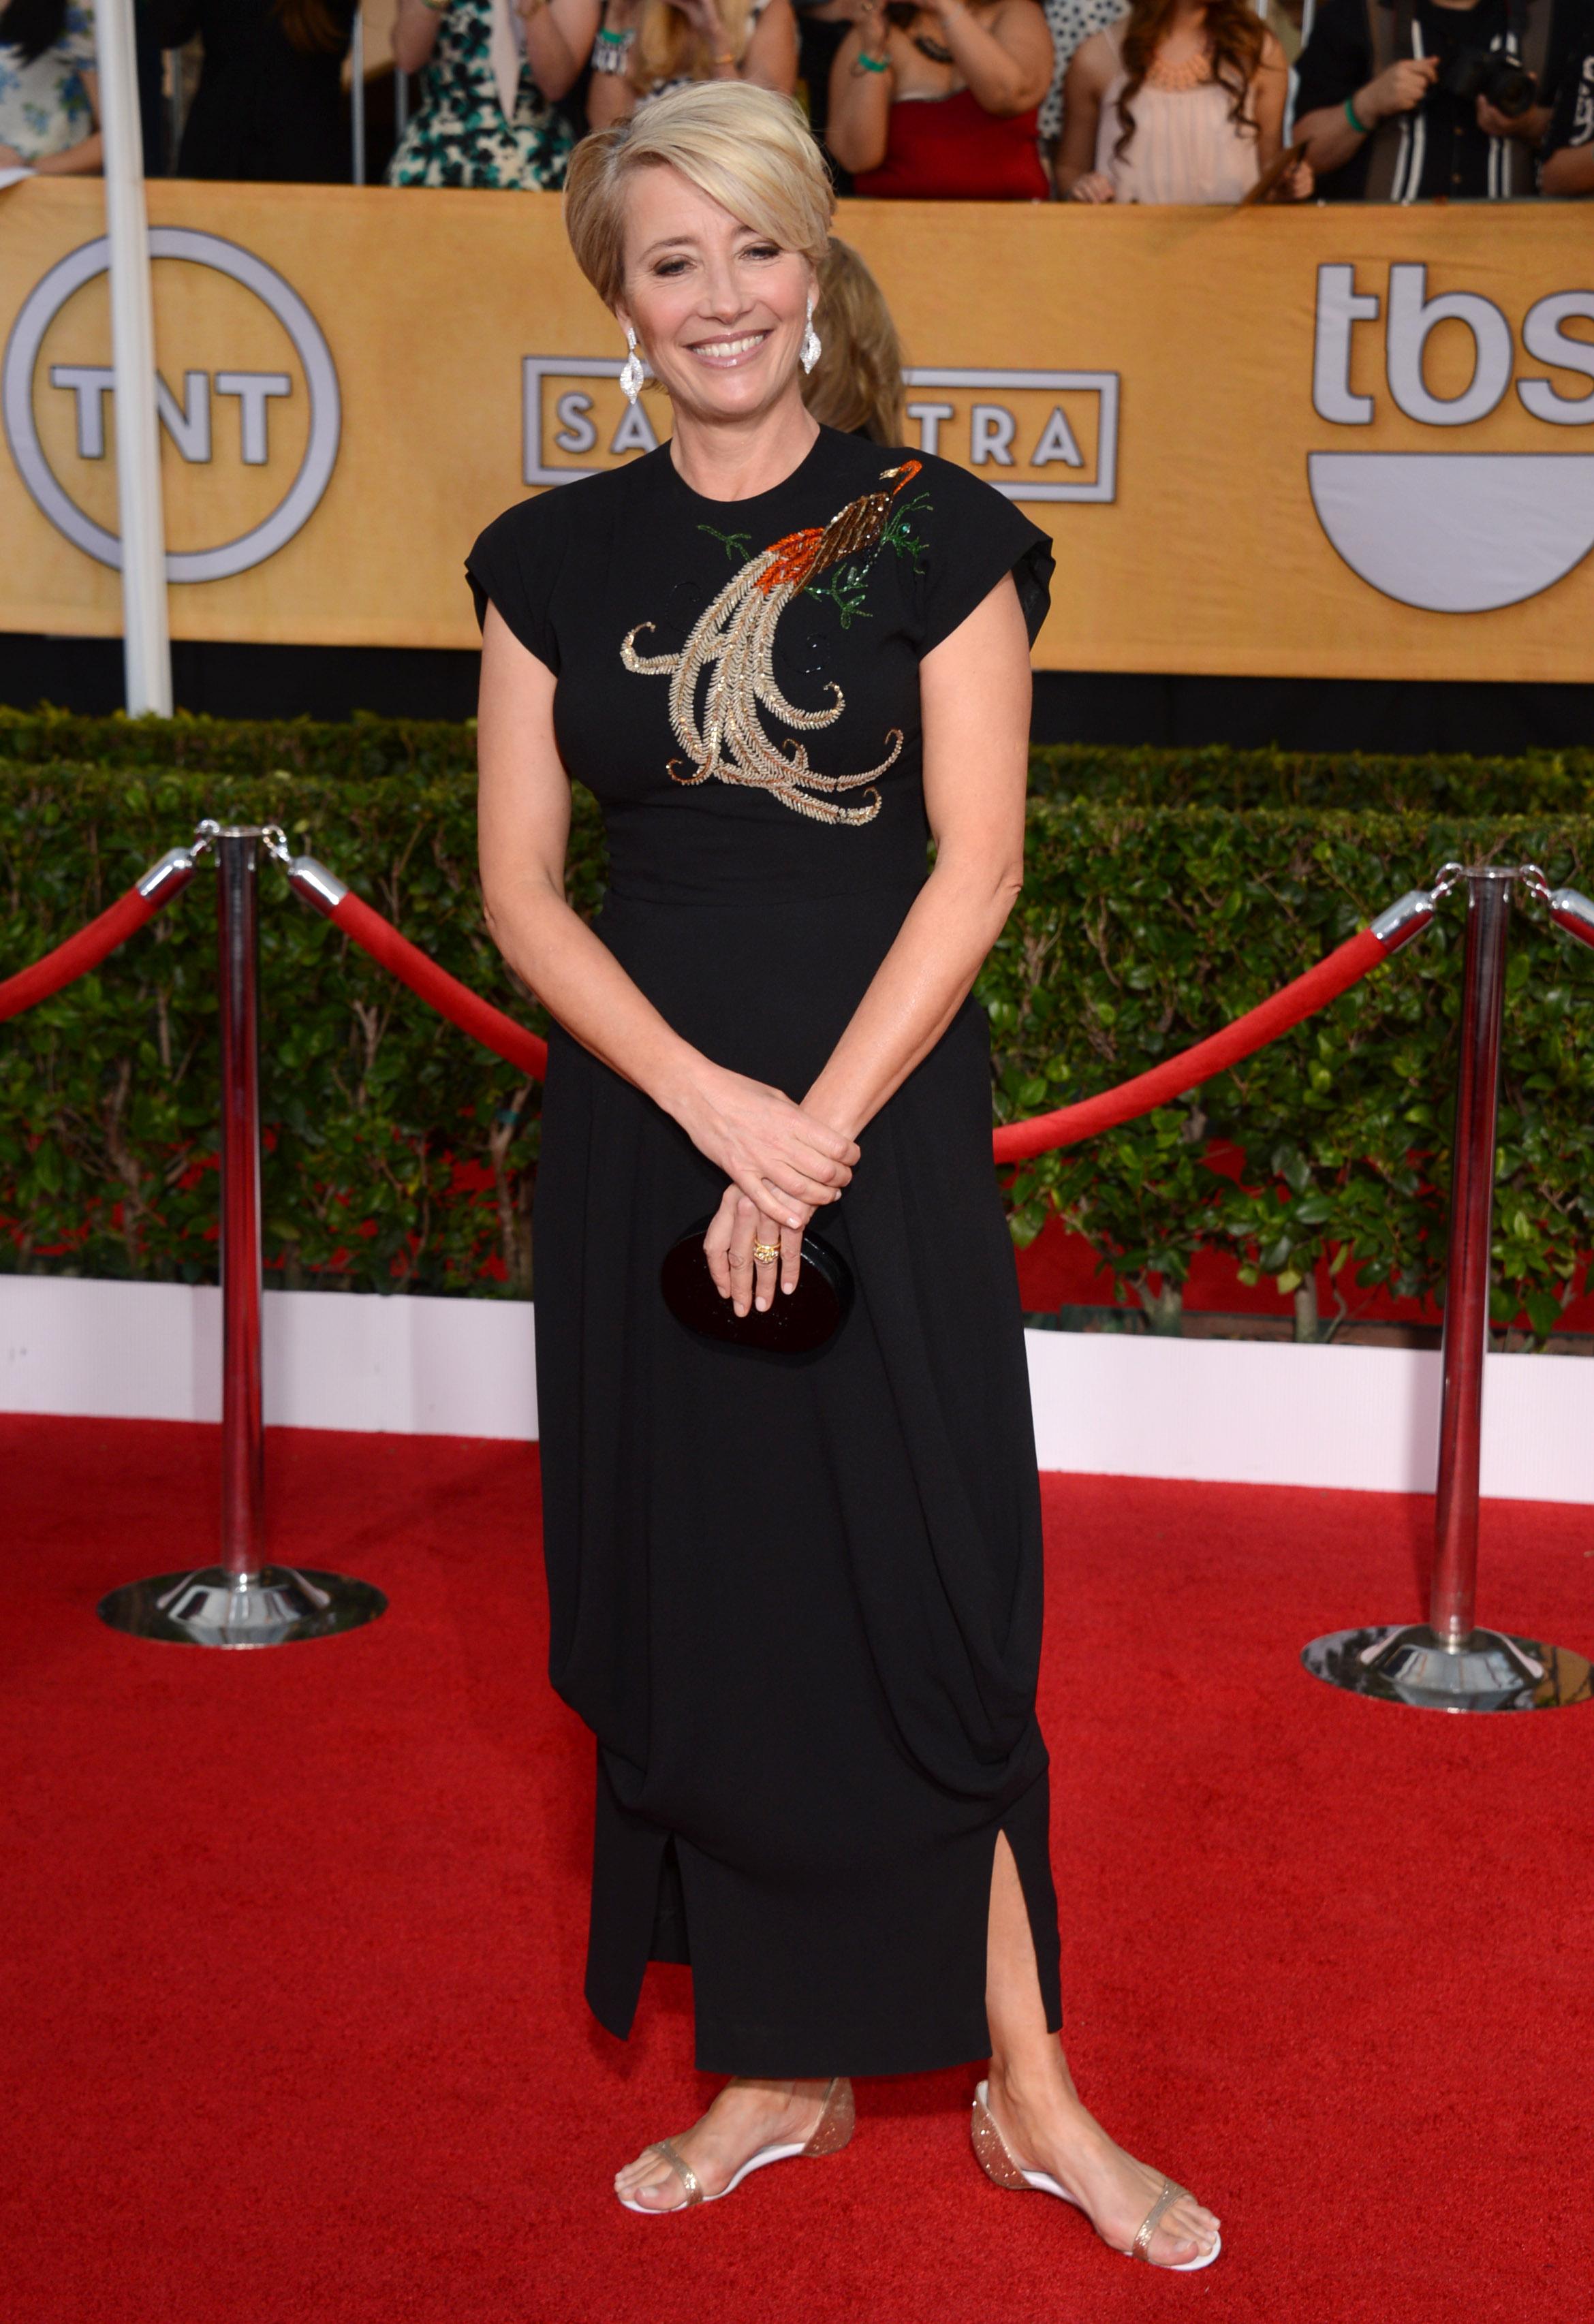 Актриса Эмма Томпсон объявила войну обуви на каблуке